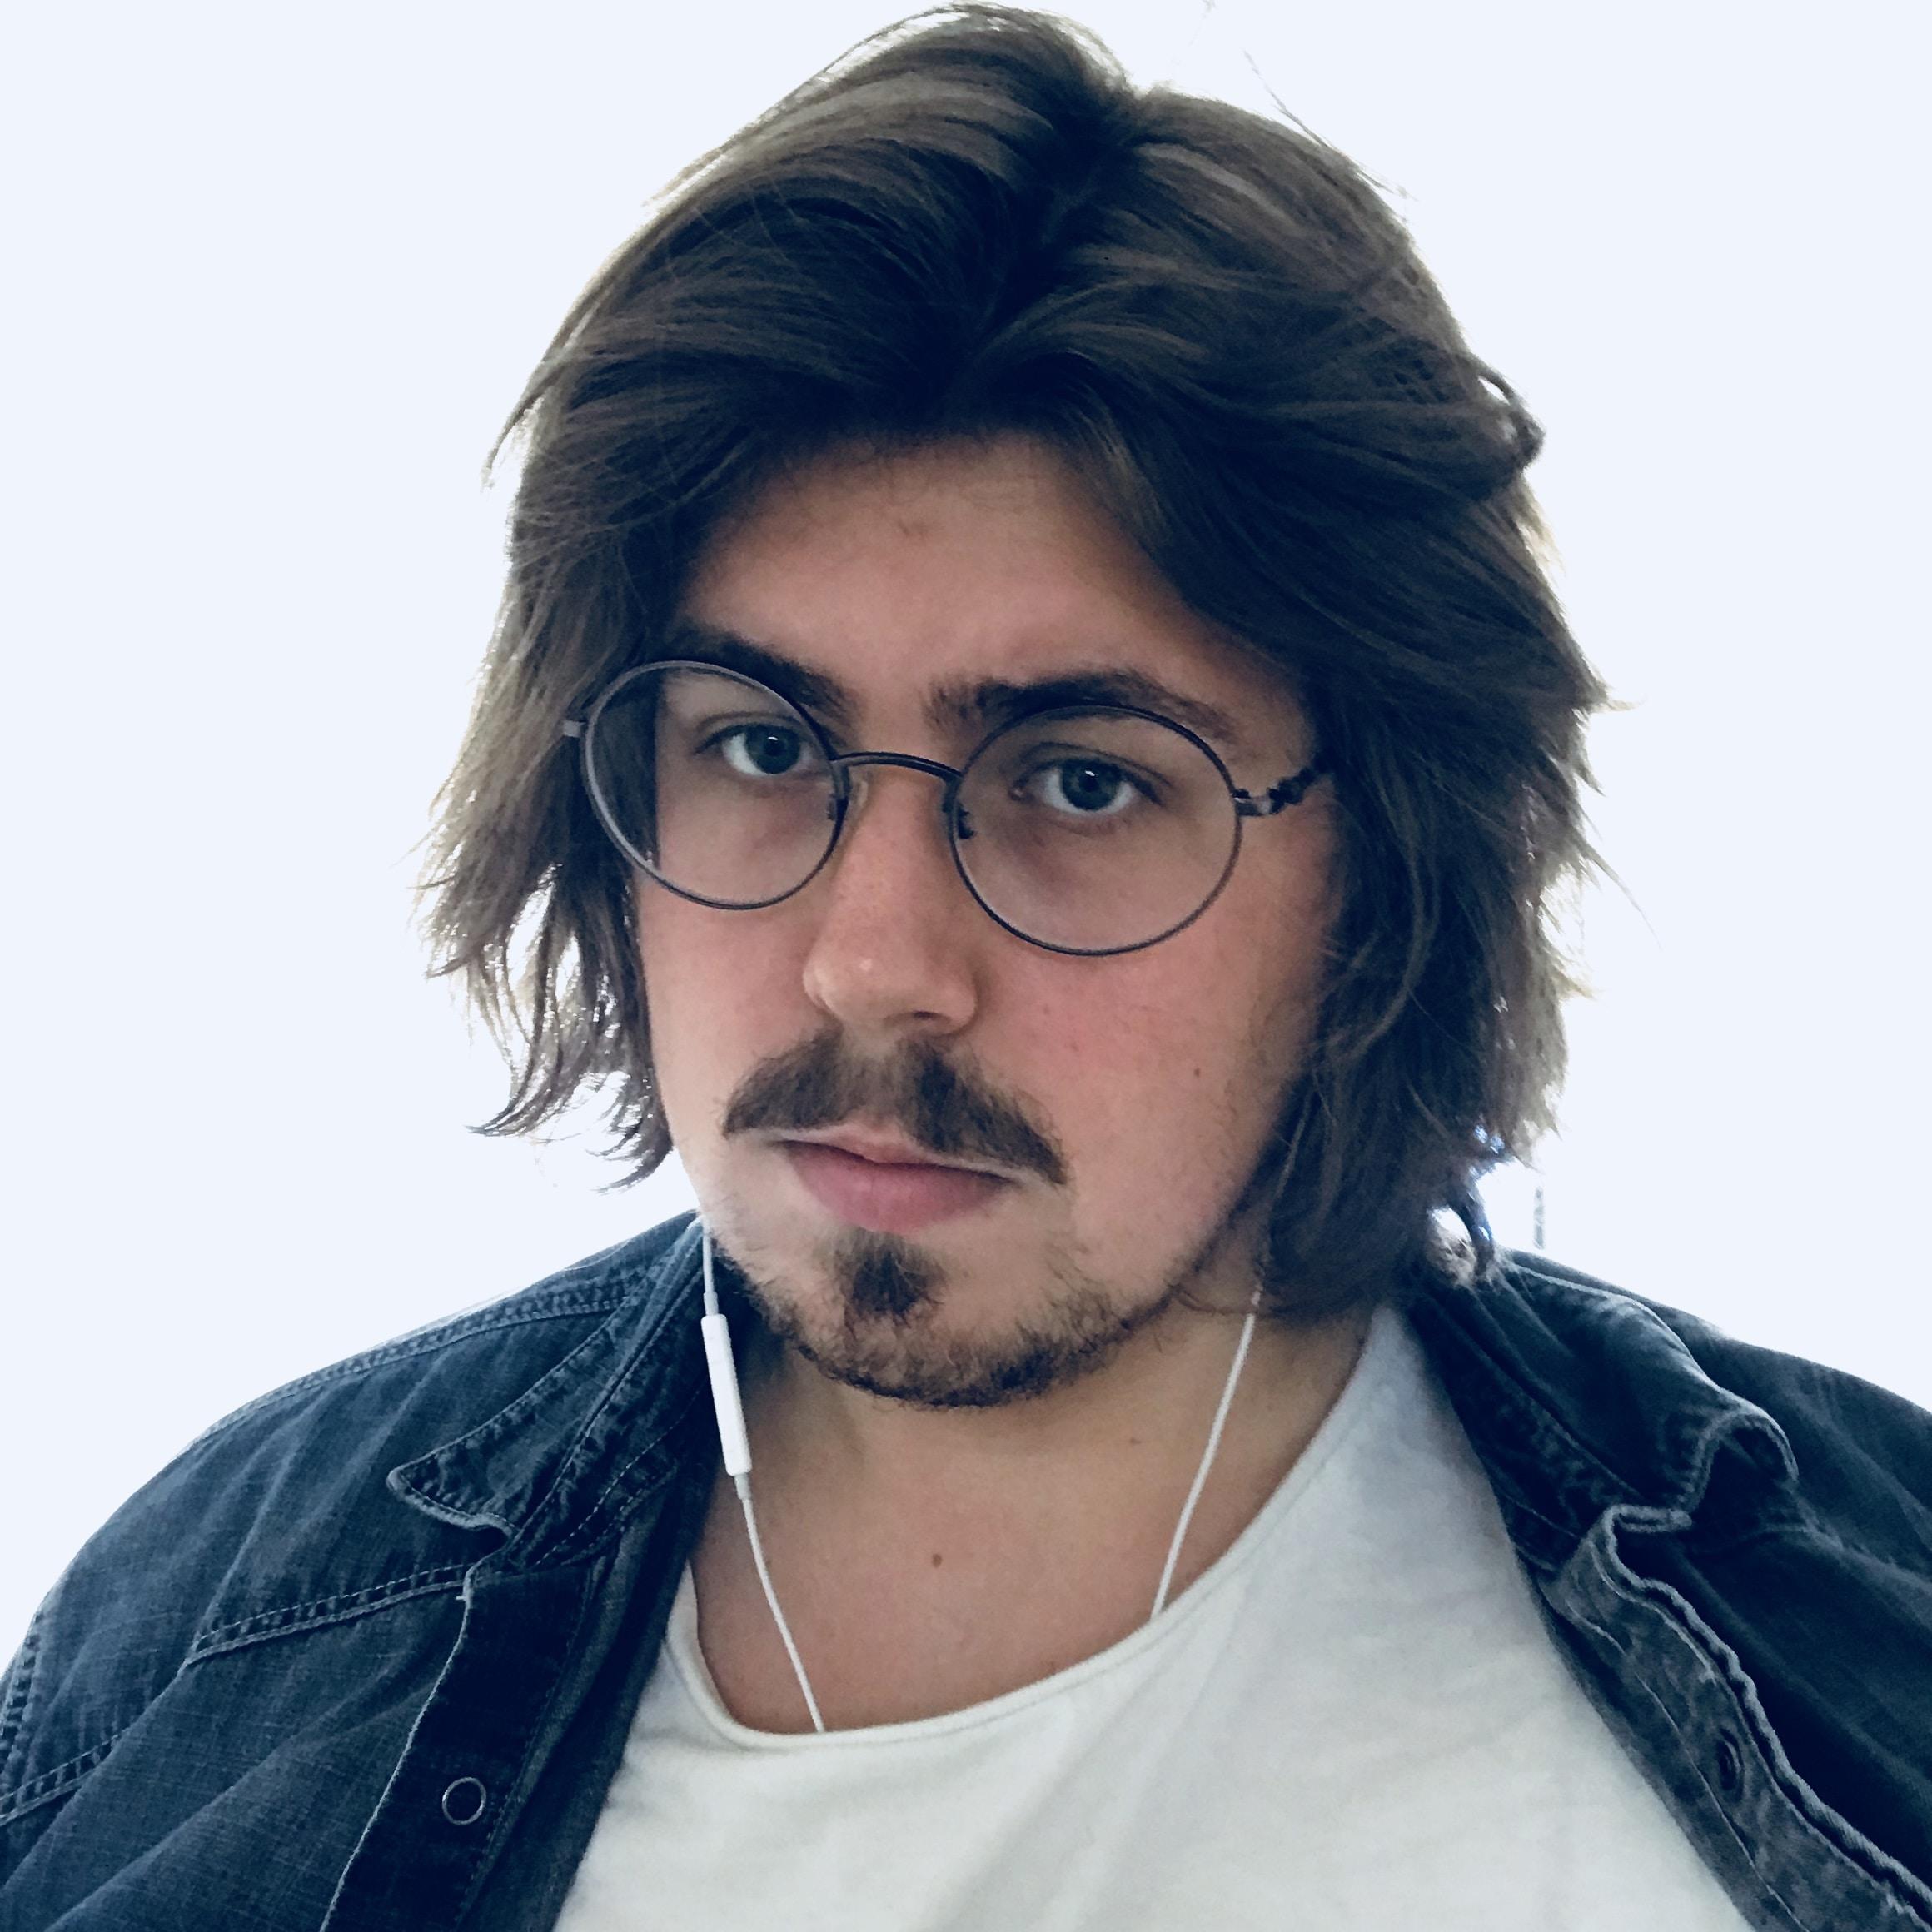 Go to Henrik Dønnestad's profile